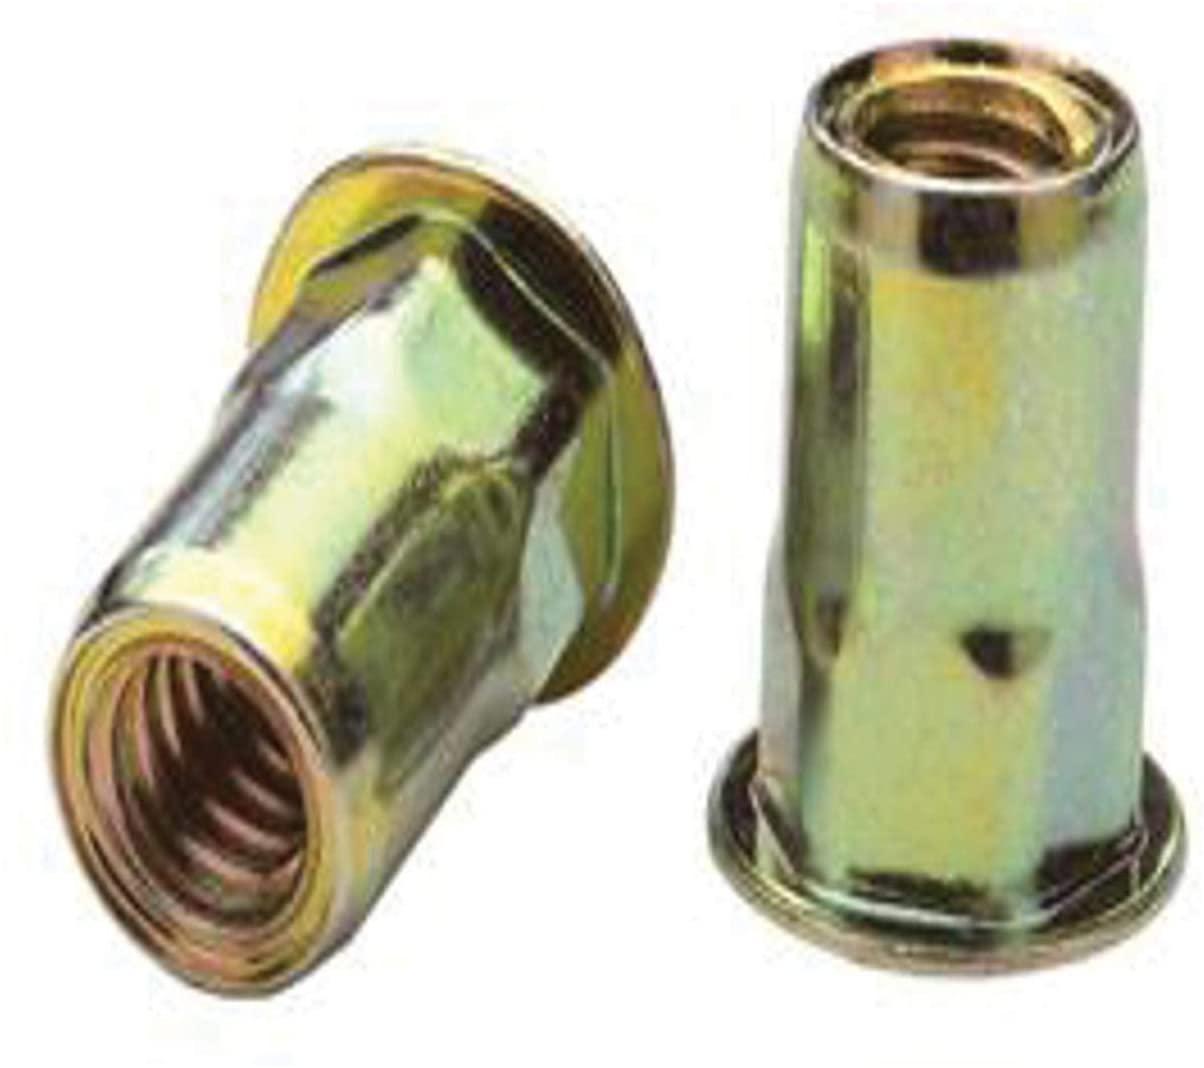 AEHS8-420-260B, RIVETNUT, 1/4-20 (.165-.260 GR) Semi-Hex Body, Low PRO HD, CLSD End, Steel, Zinc YLW (100 PK)